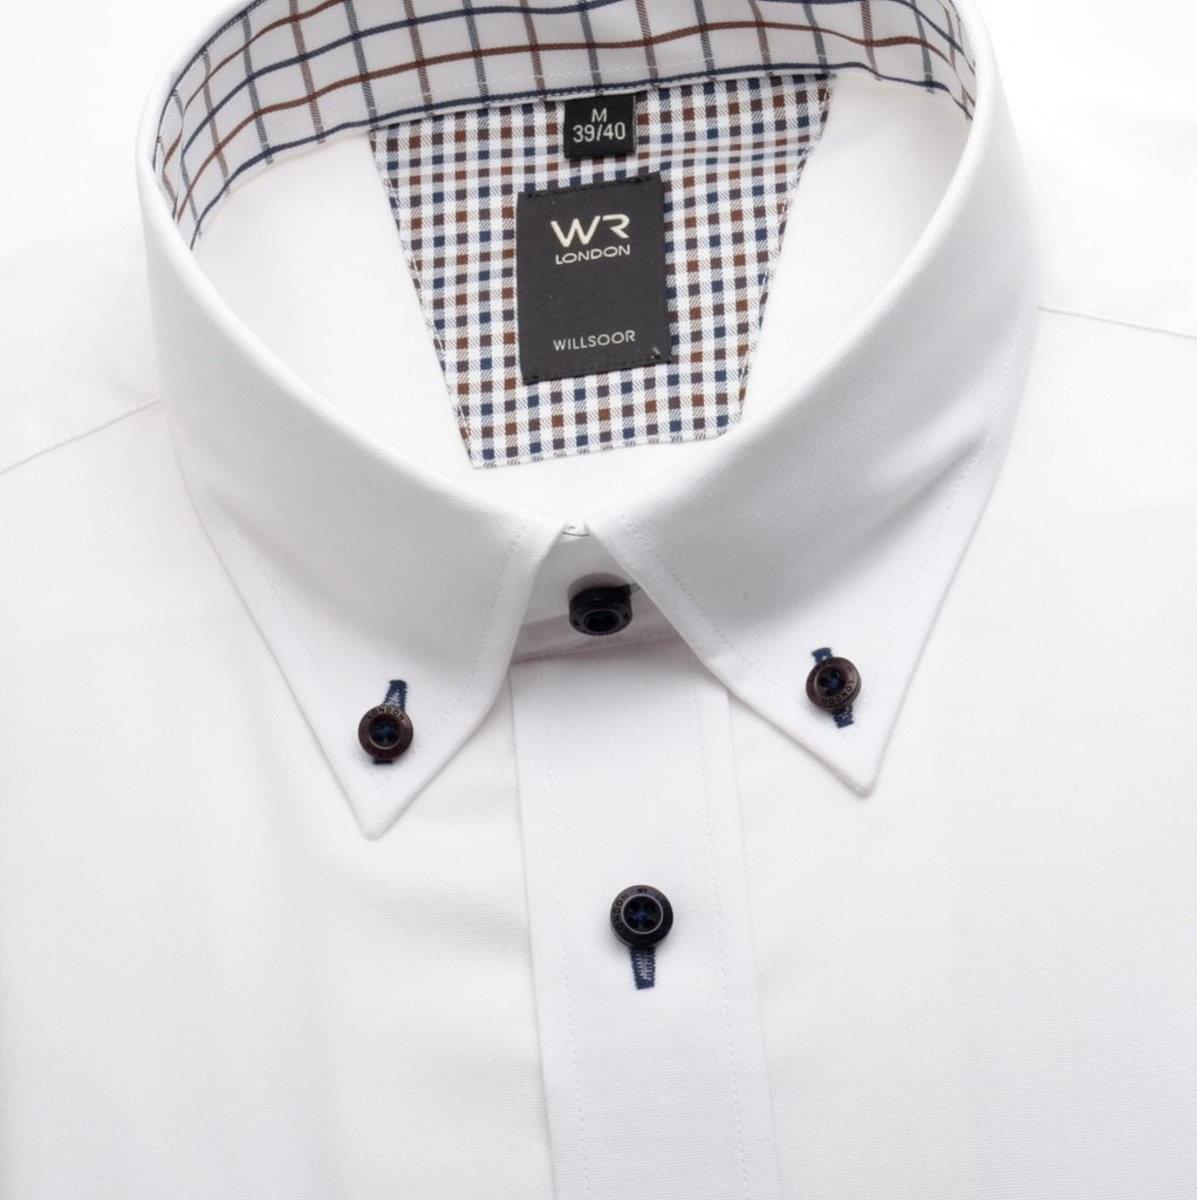 Pánská košile WR London (výška 176-182) 1383 176-182 / XL (43/44)